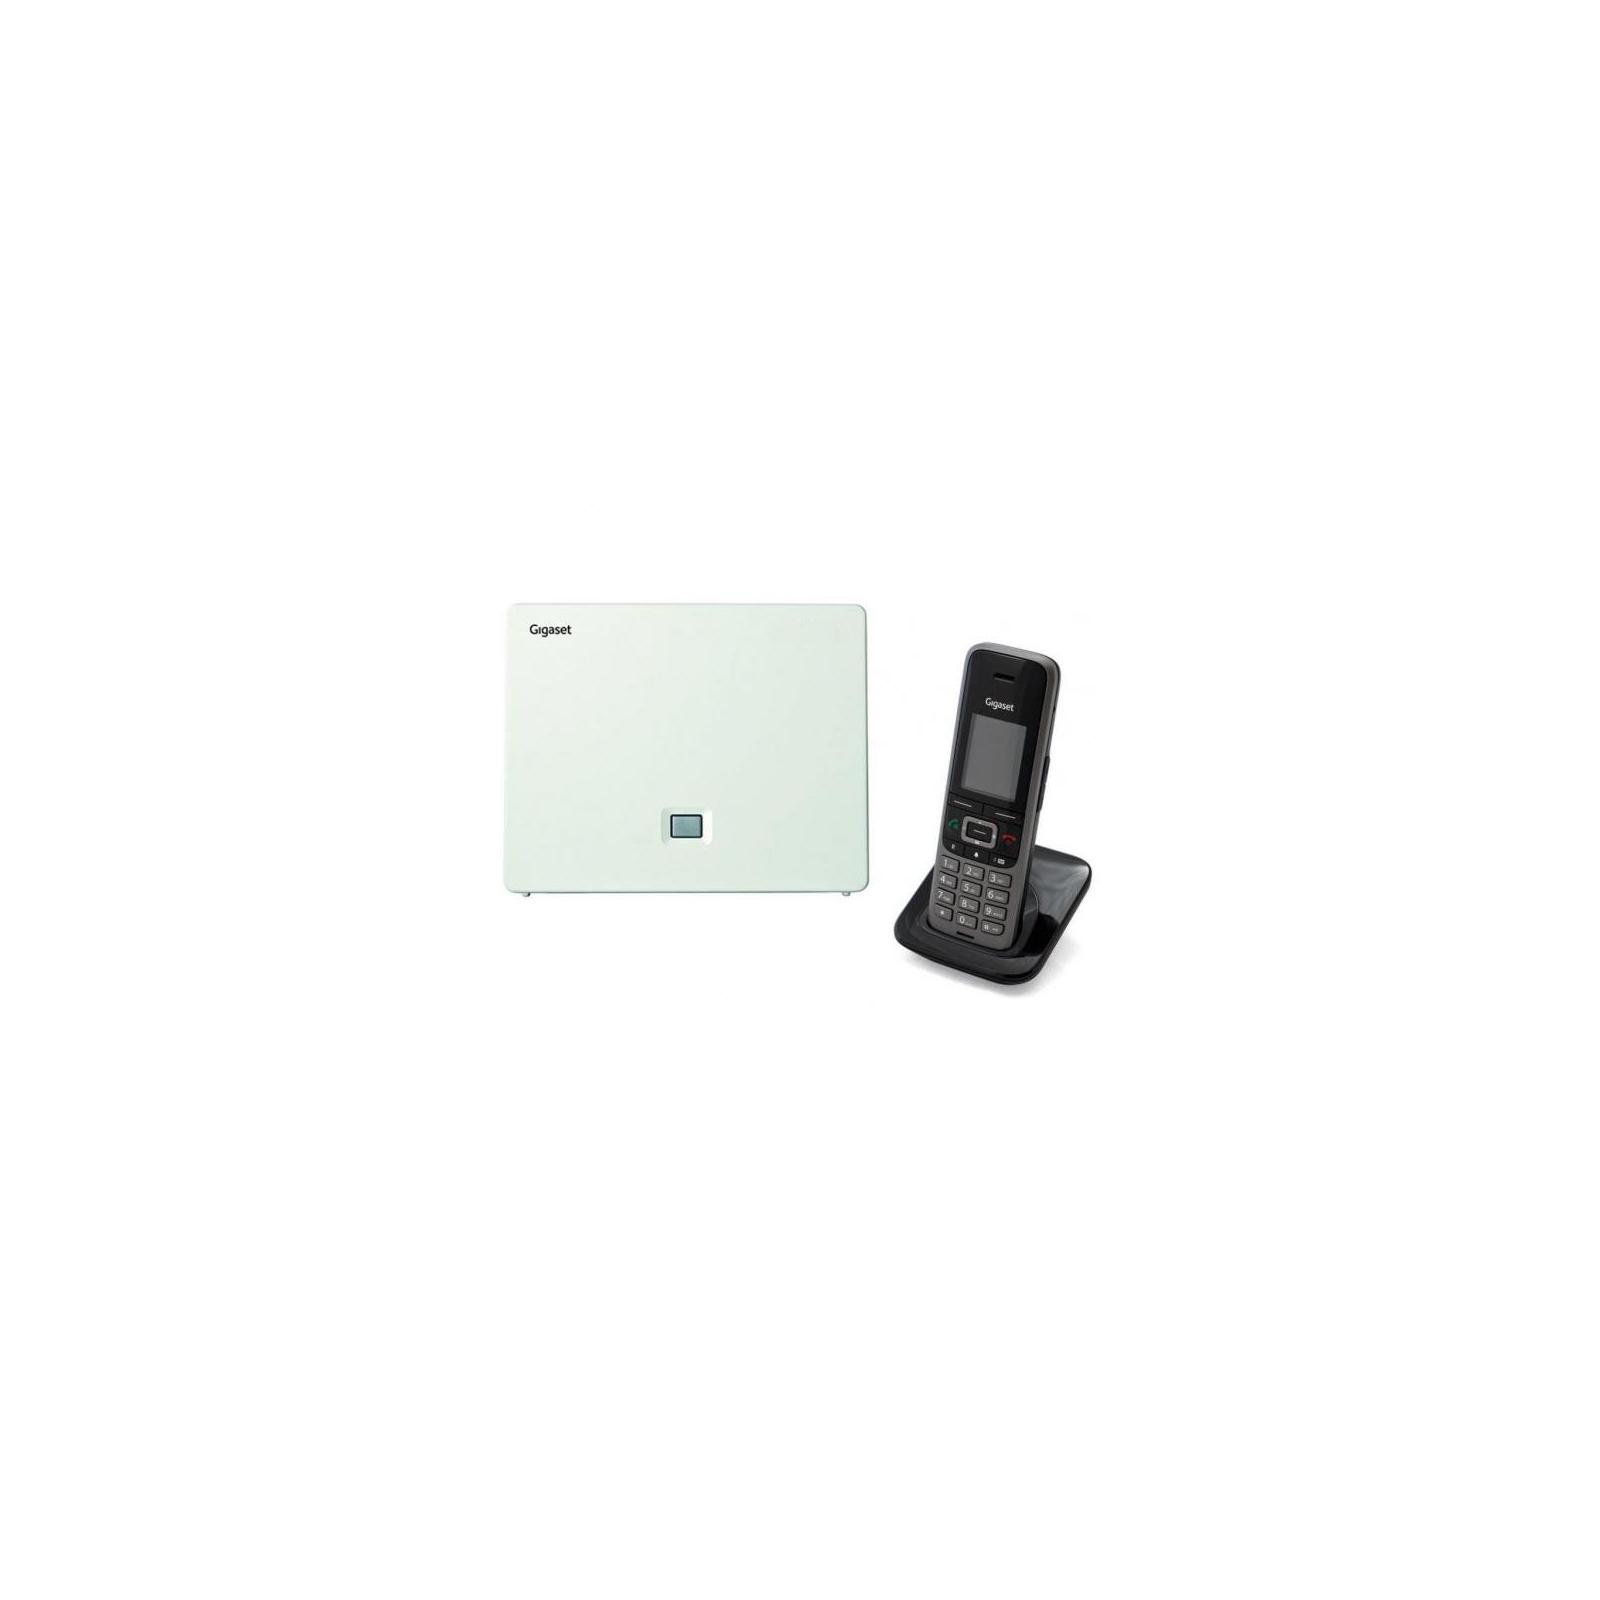 IP телефон Gigaset S650 IP PRO bundle комплект (S30852-H2617-R101) изображение 6